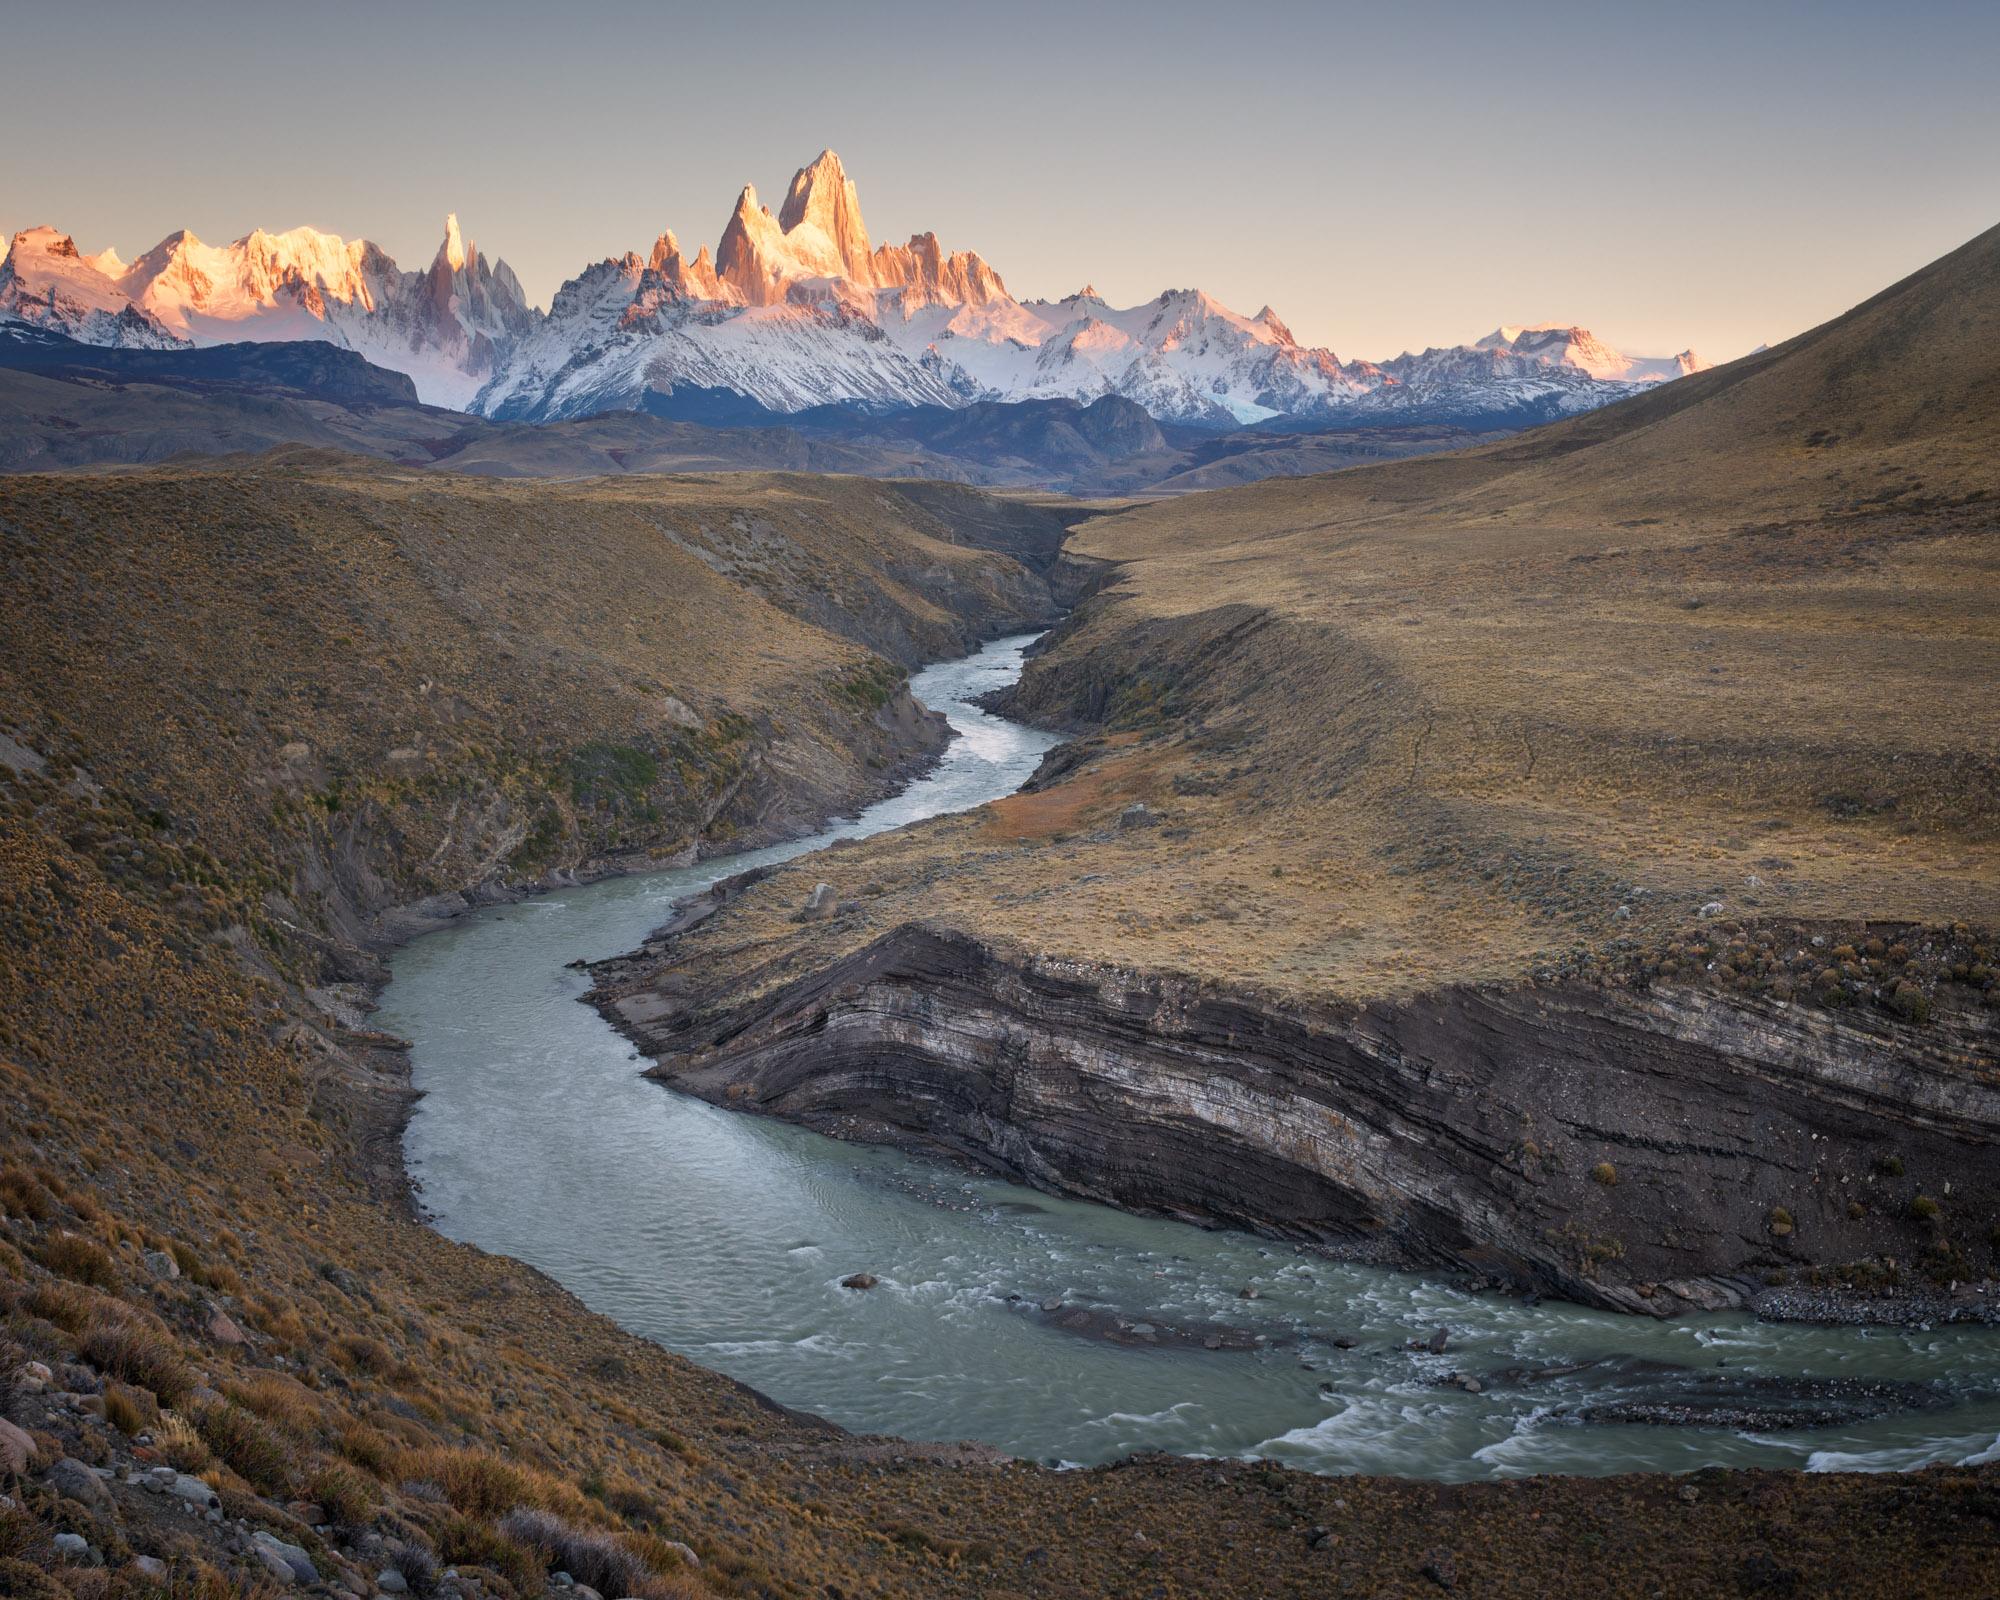 Rio De las Vueltas, Fitz Roy and Cerro Torre, Argentina